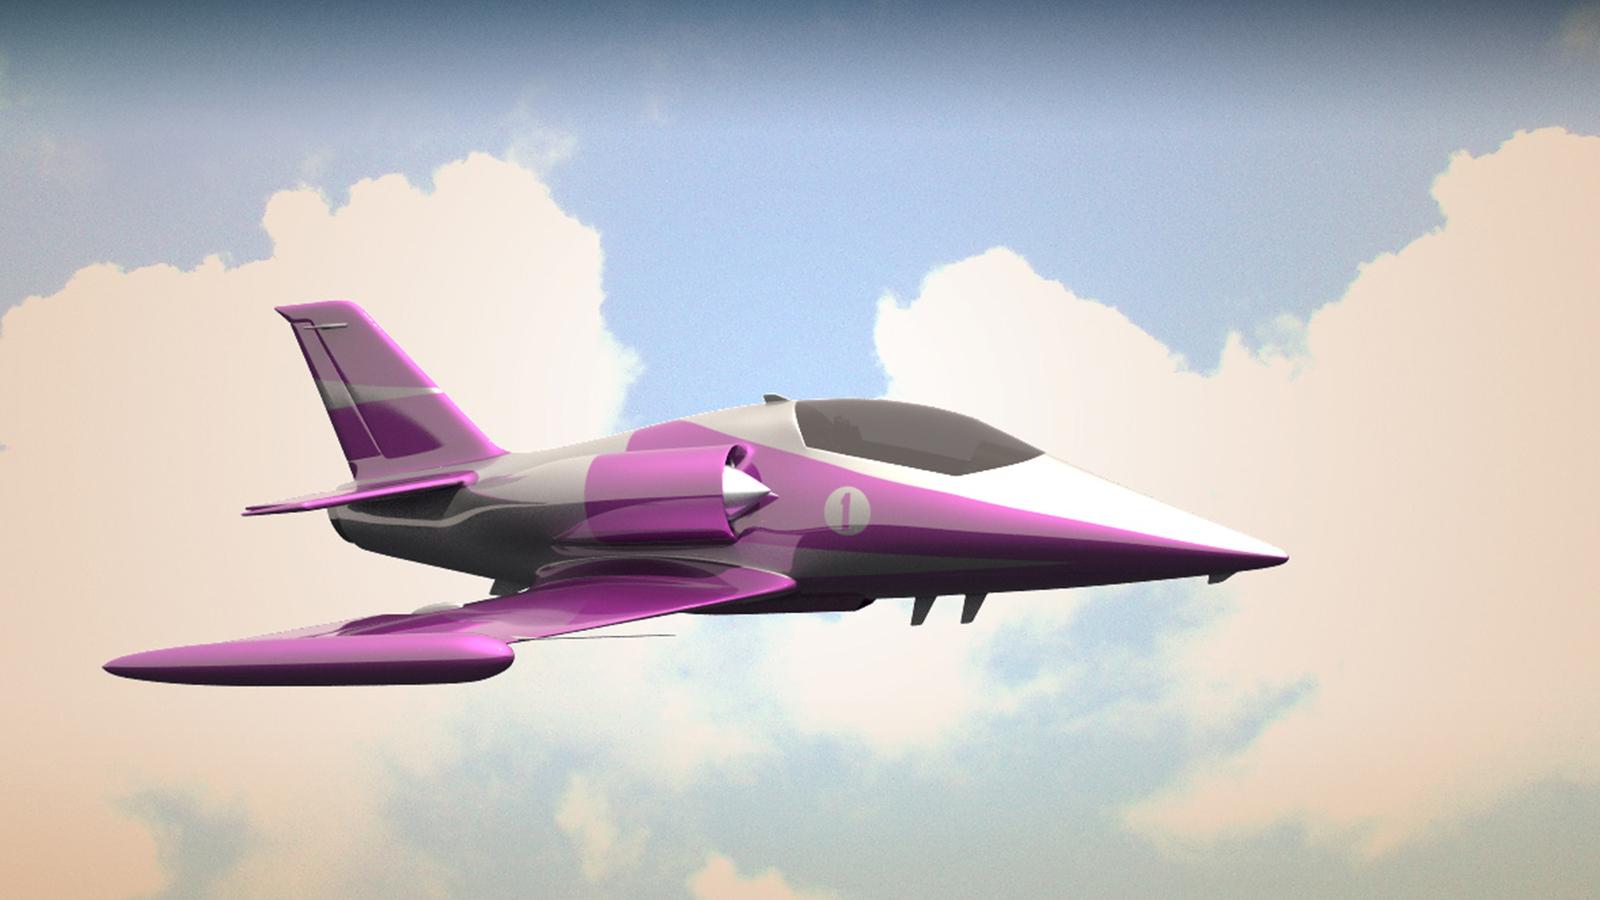 3d render of jet plane in sky